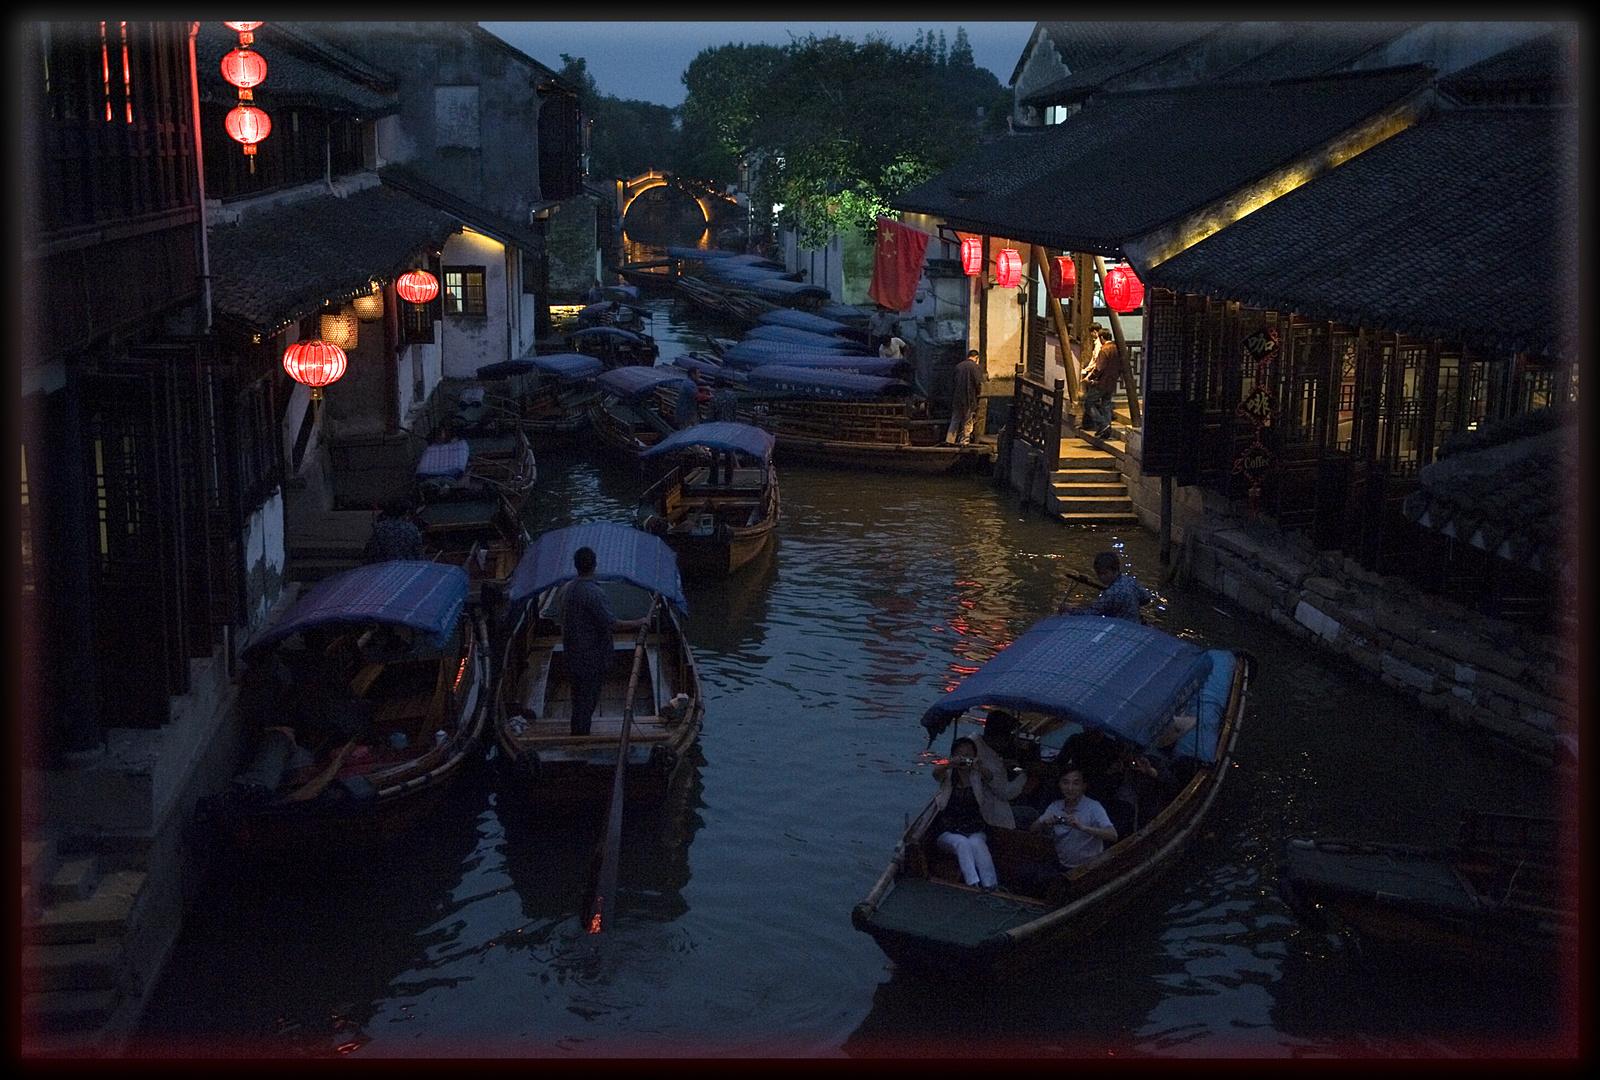 Zhouzhuang, bousculade nocturne sur le canal